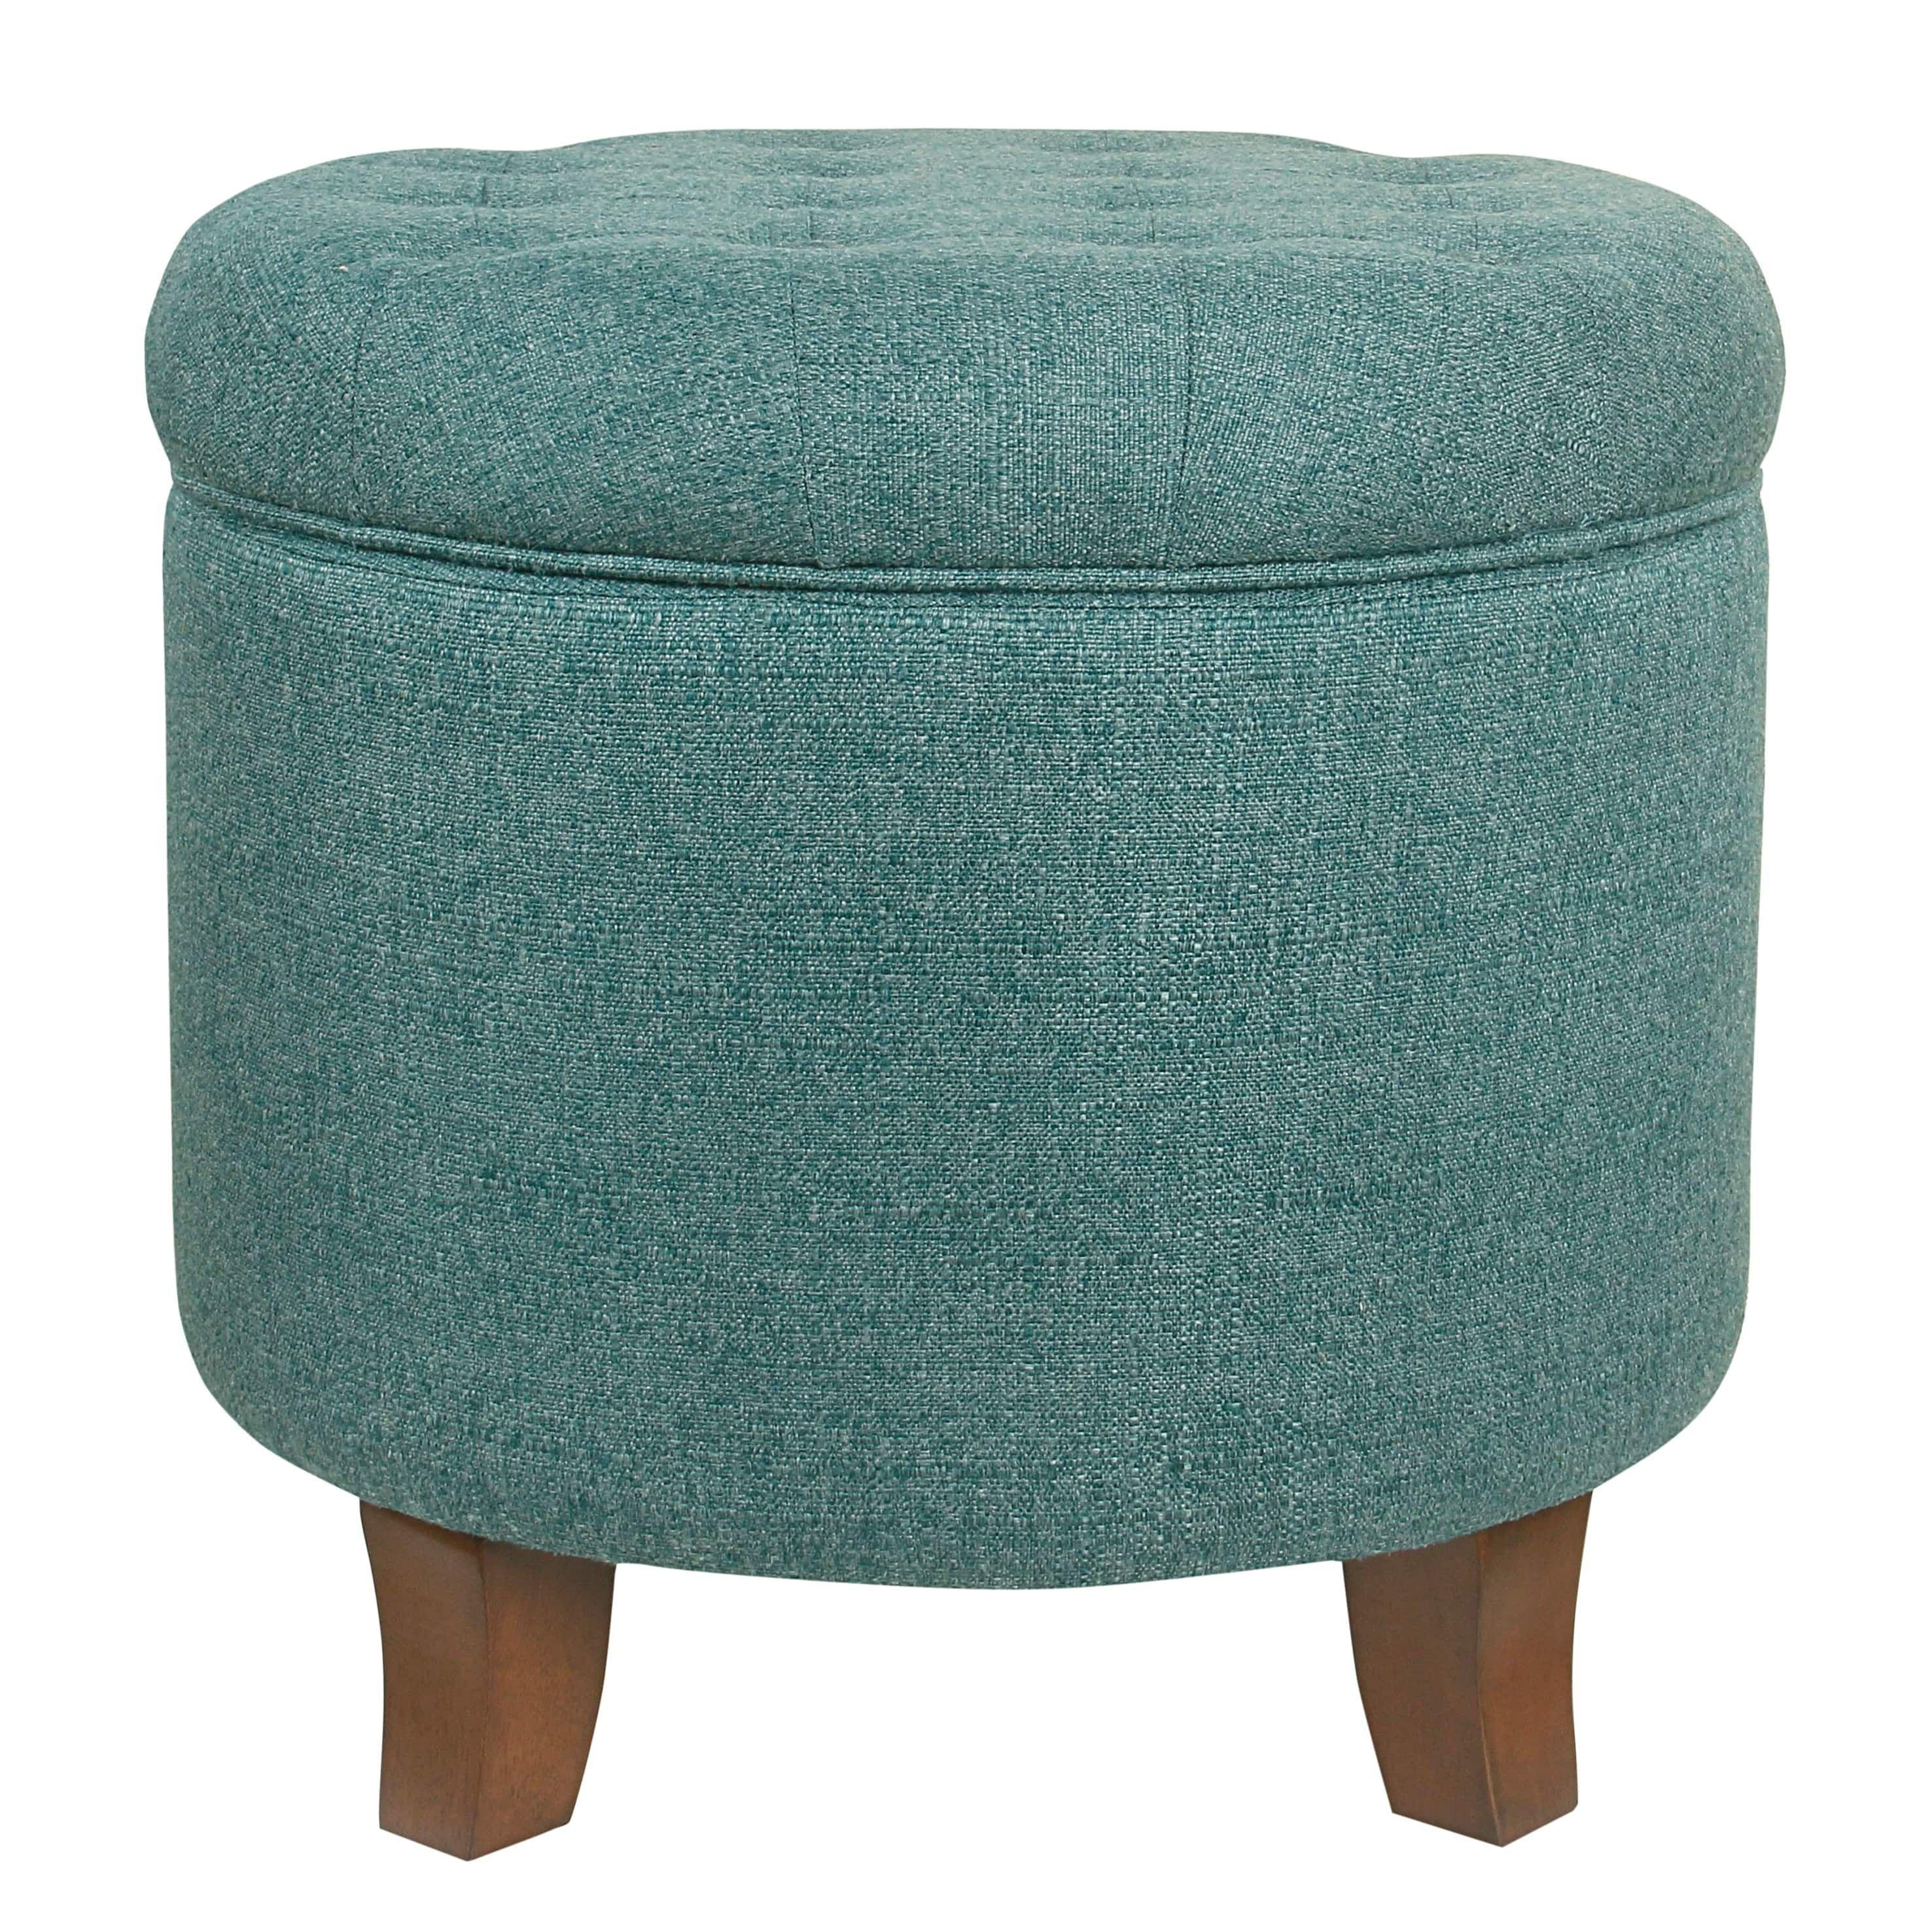 Strange Carson Carrington Melahverfi Boho Tufted Storage Ottoman Ncnpc Chair Design For Home Ncnpcorg